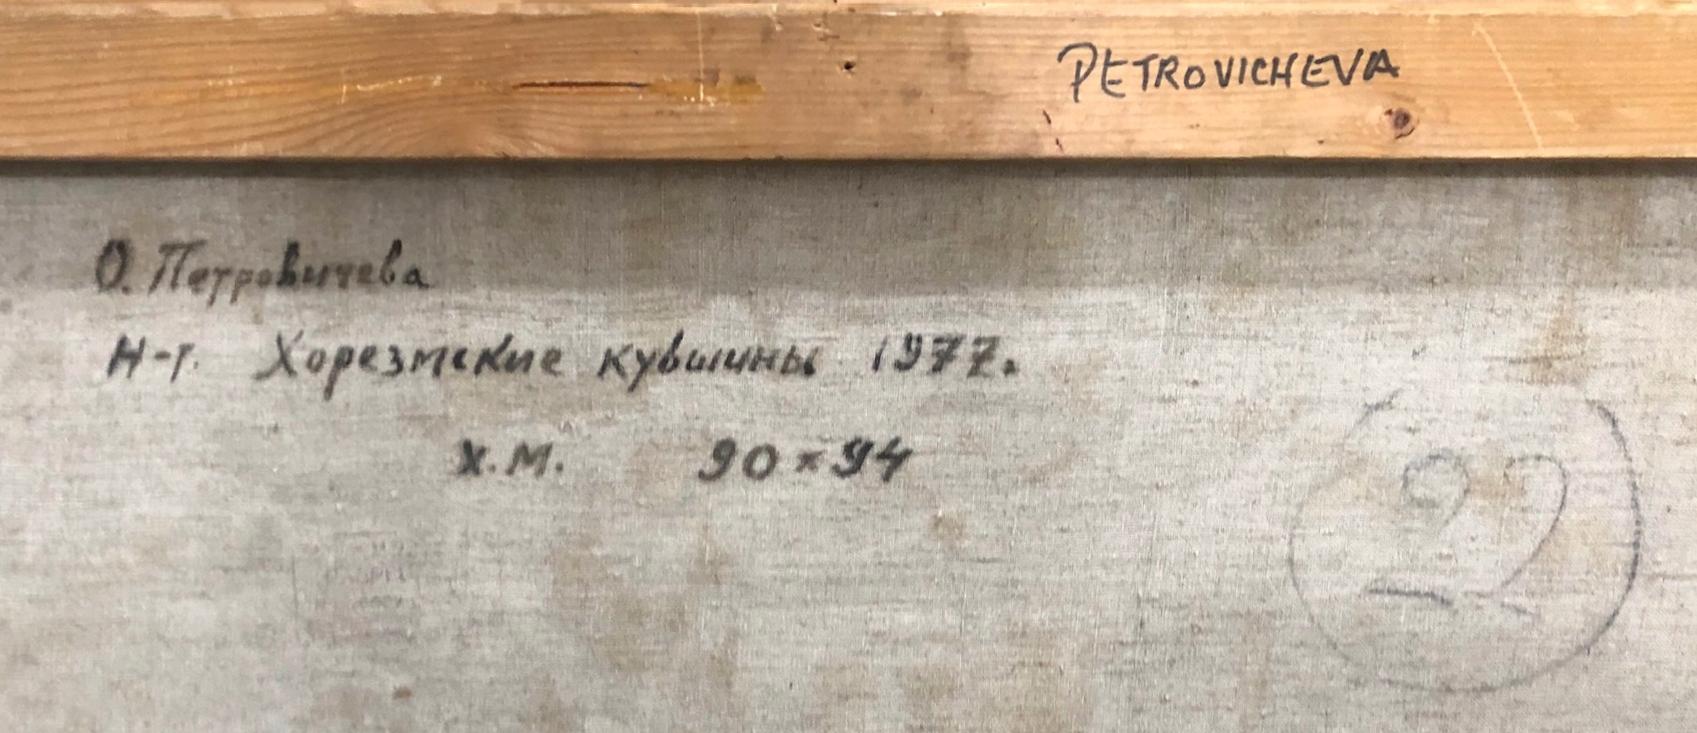 Подпись. Петровичева Ольга Петровна. Натюрморт хорезмские кувшины